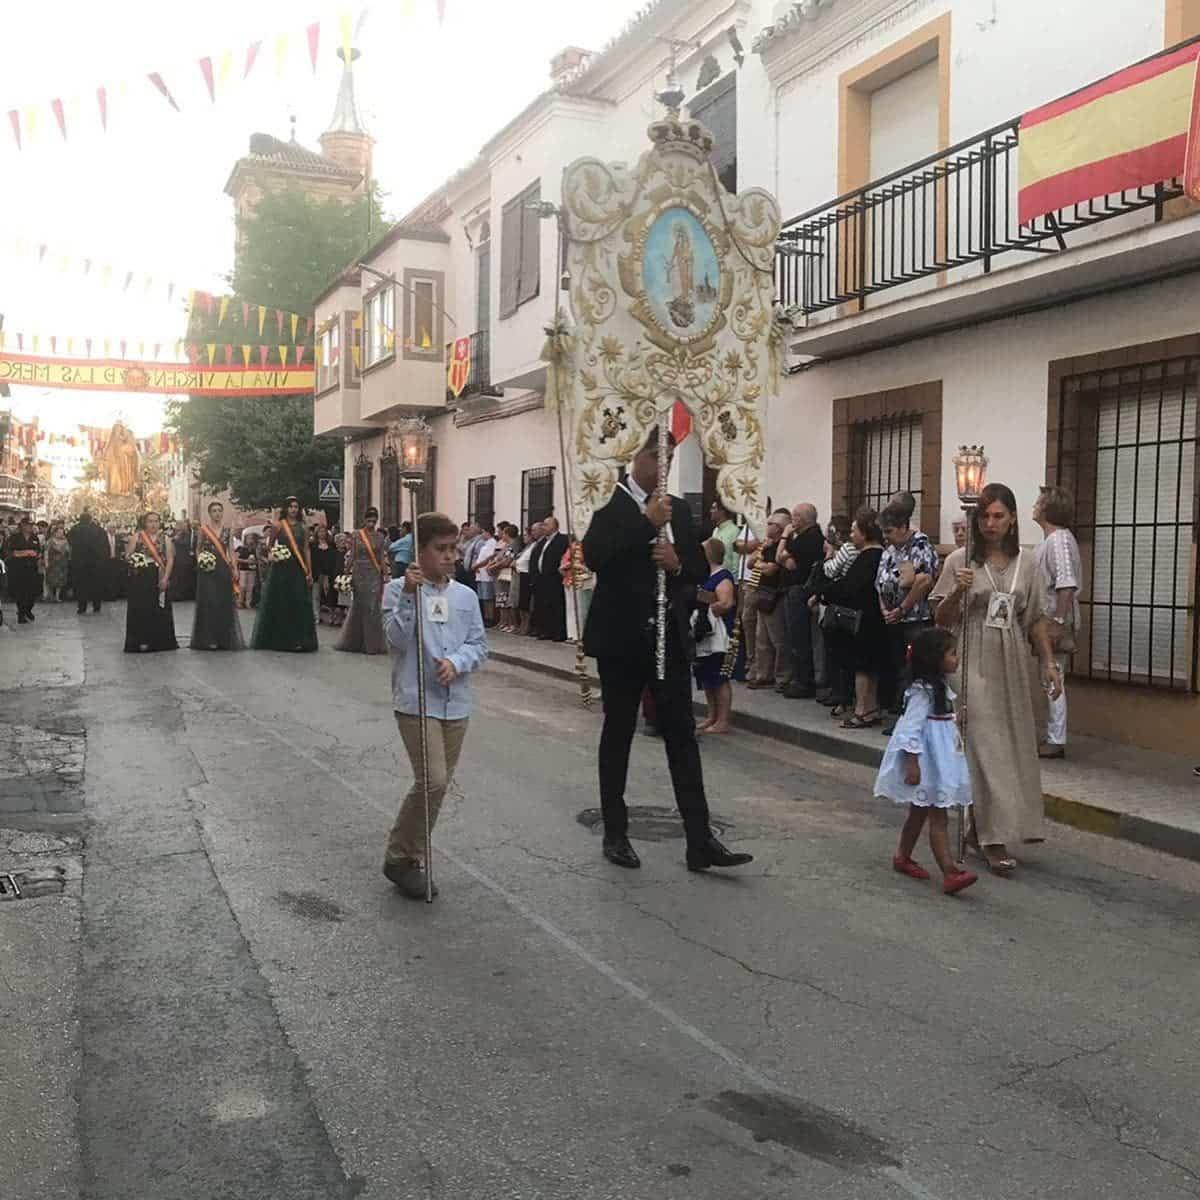 magna procesion feria fiestas 2019 herencia 7 - Magna procesión de nuestra Santísima Madre cierra la Feria y Fiestas herenciana